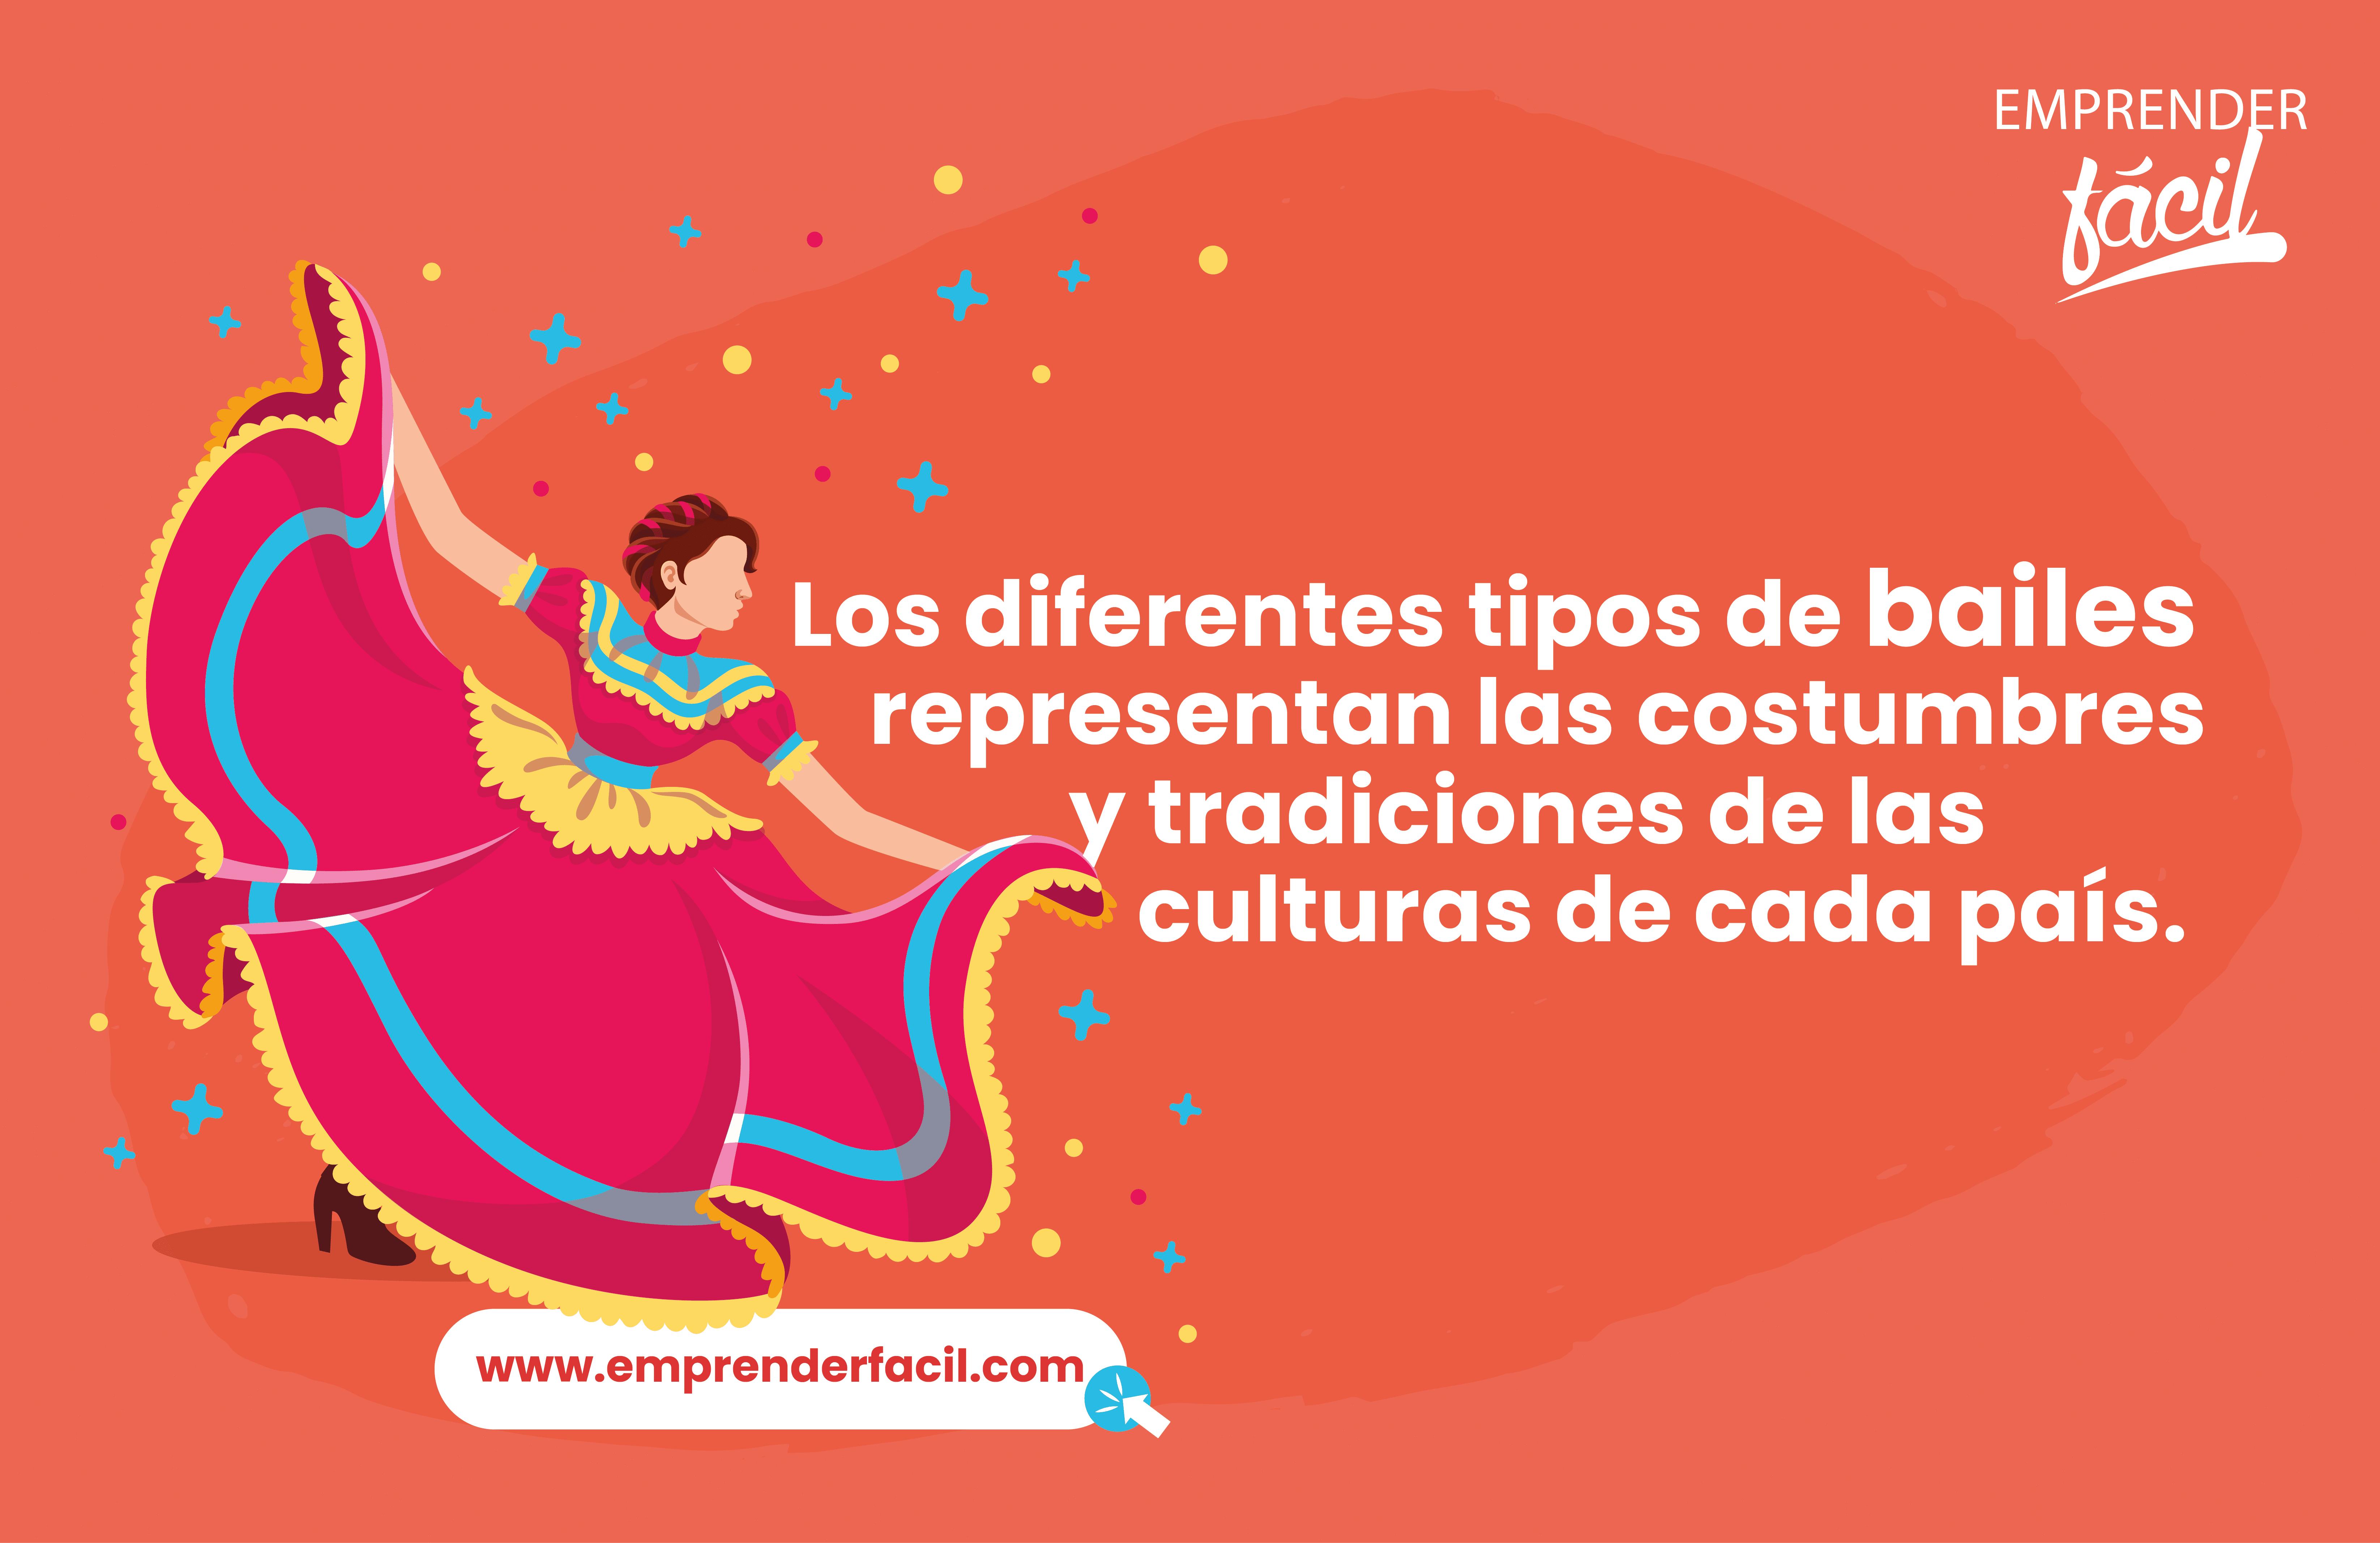 Las costumbres y tradiciones son expresadas en cada tipo de baile. Nombres para academias de baile.